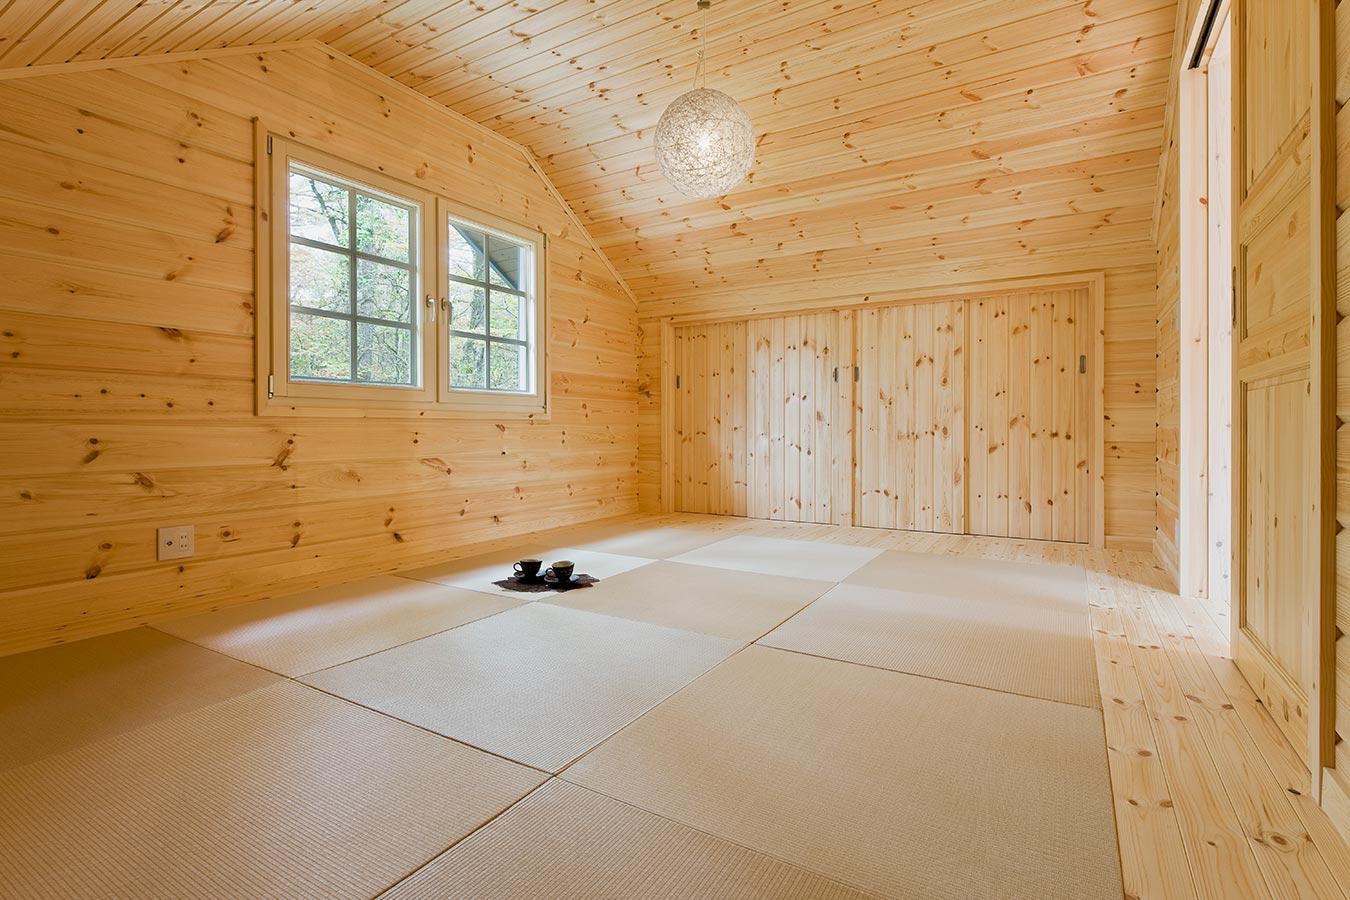 広々とした和室。窓をつたいやわらかな光が室内を明るくしてくれます。